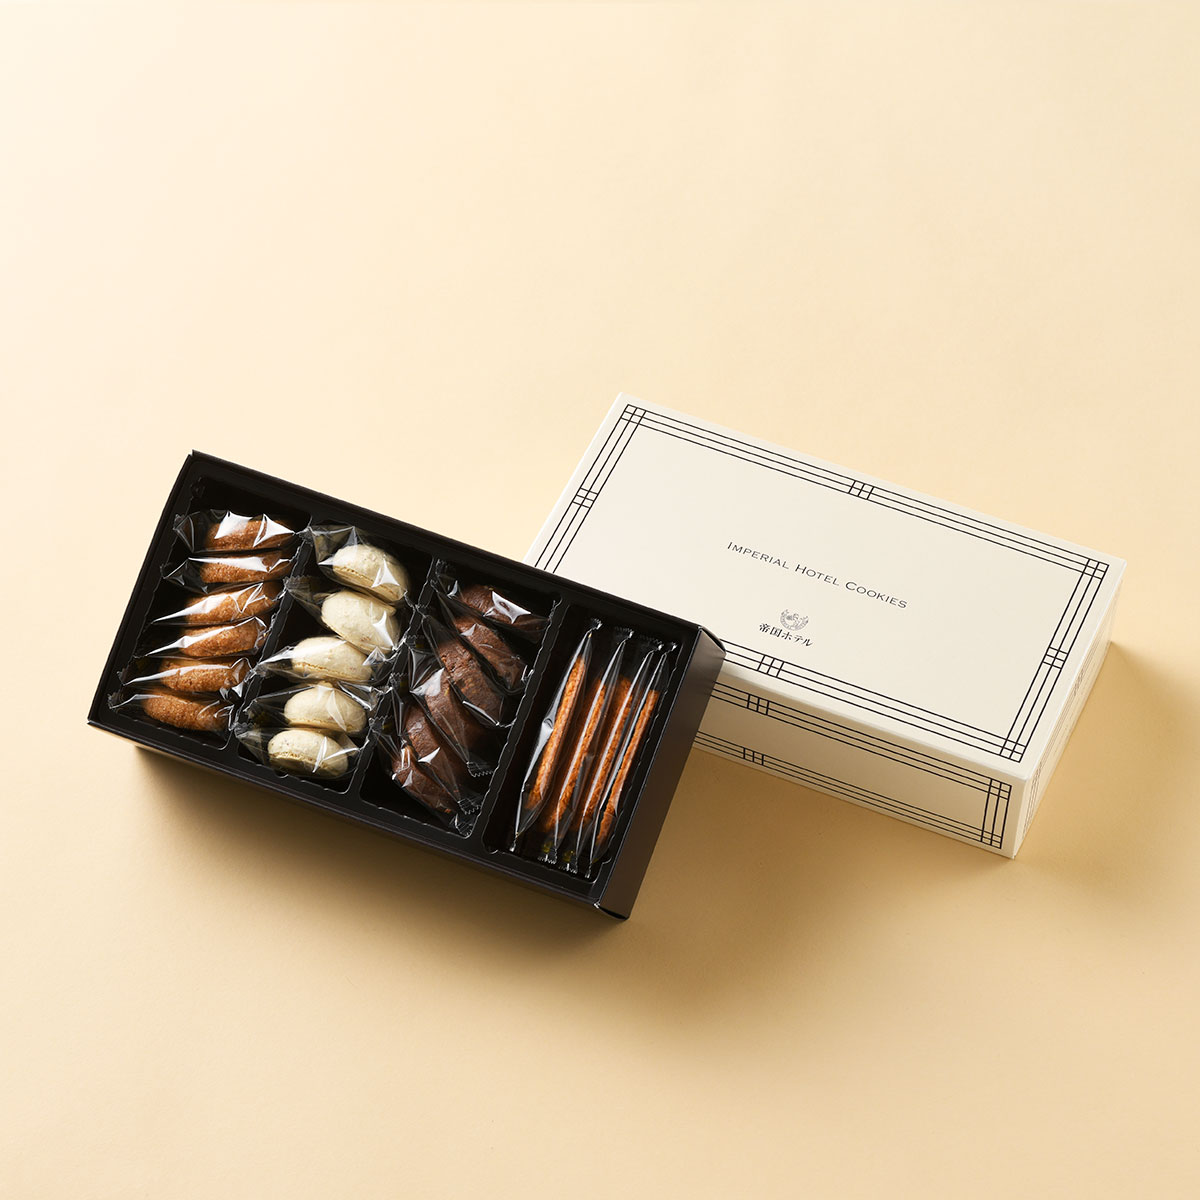 帝国ホテルクッキー 詰め合わせ セット(C-10N / 4種・21個入) / お歳暮